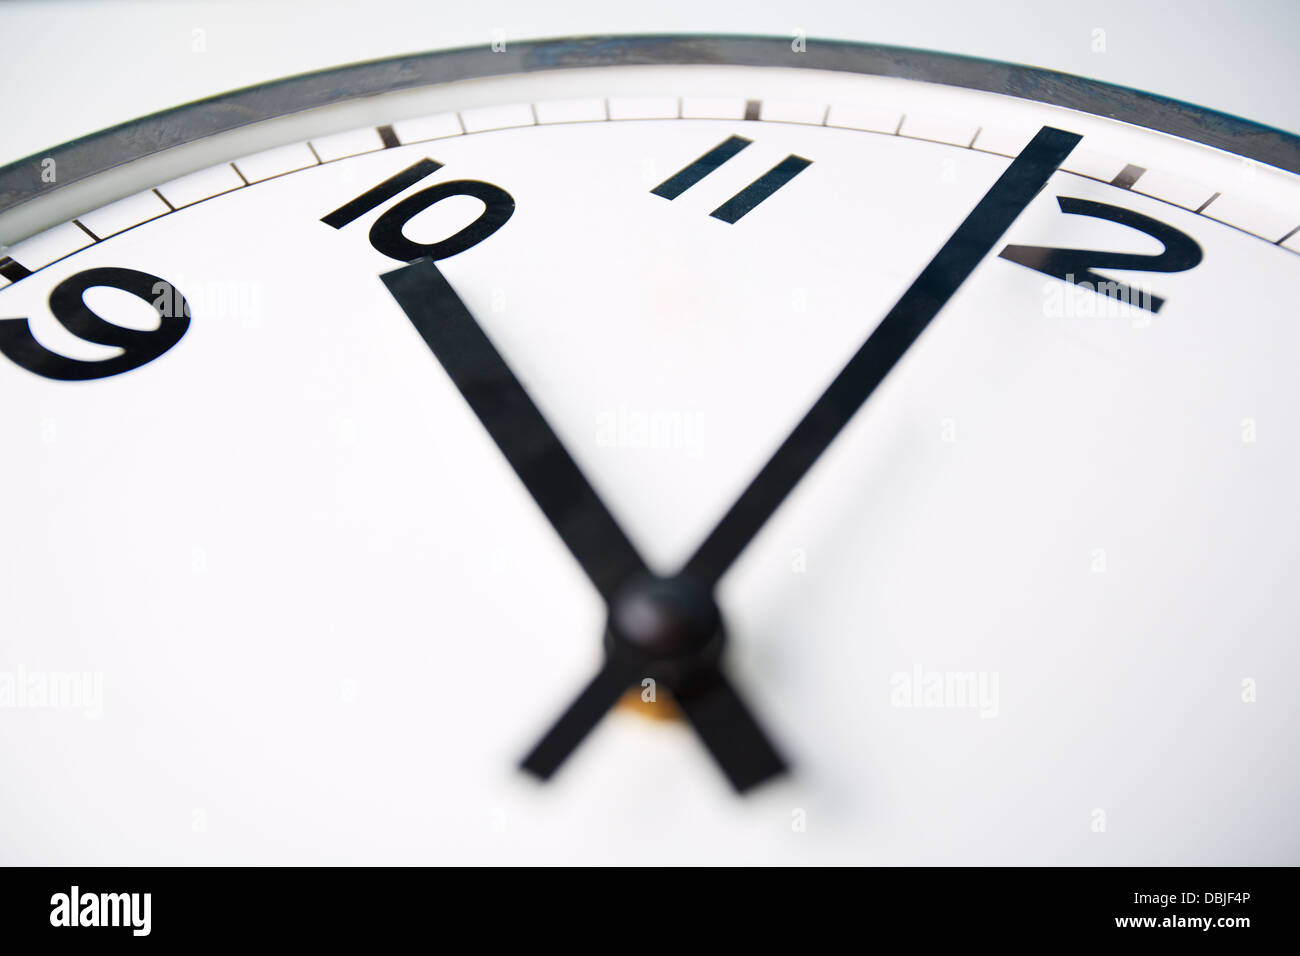 Macro shot of a clock face showing ten o'clock - Stock Image